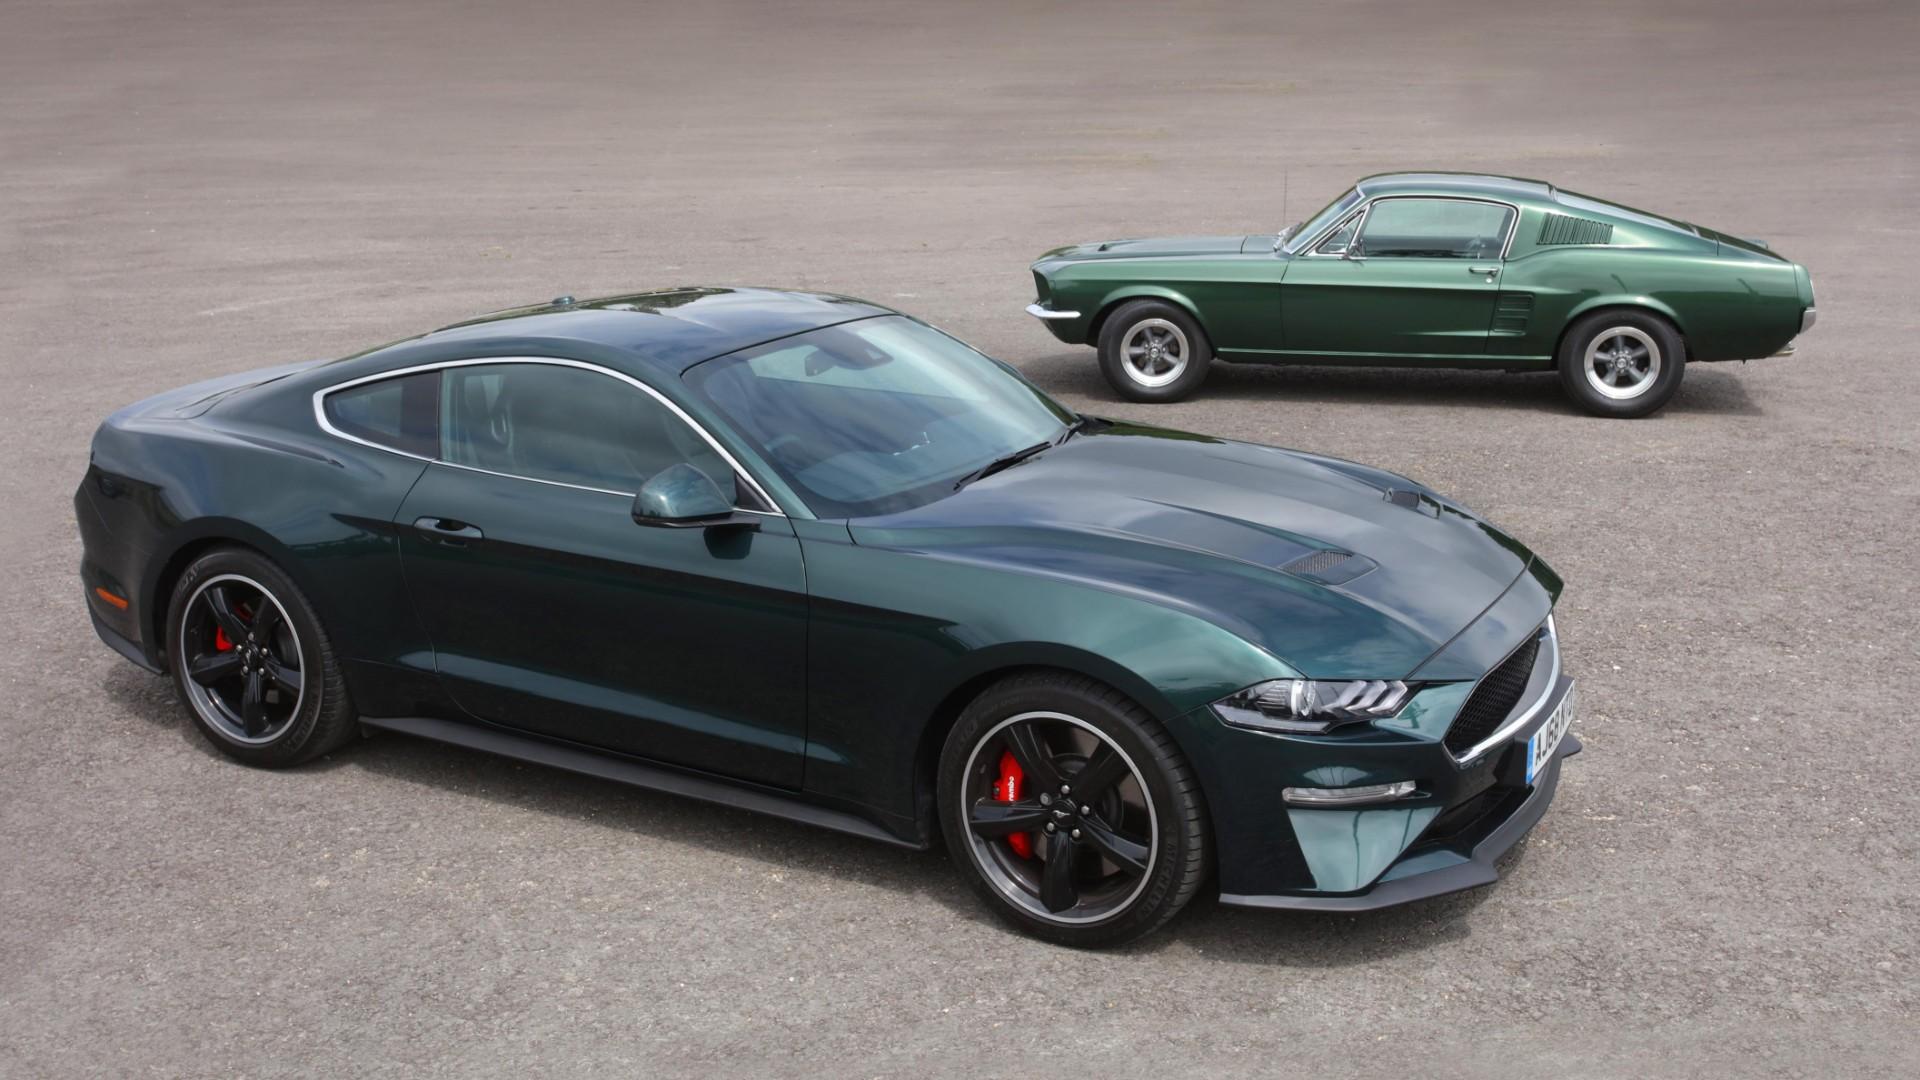 Mustang Bullitt production extended for 2020